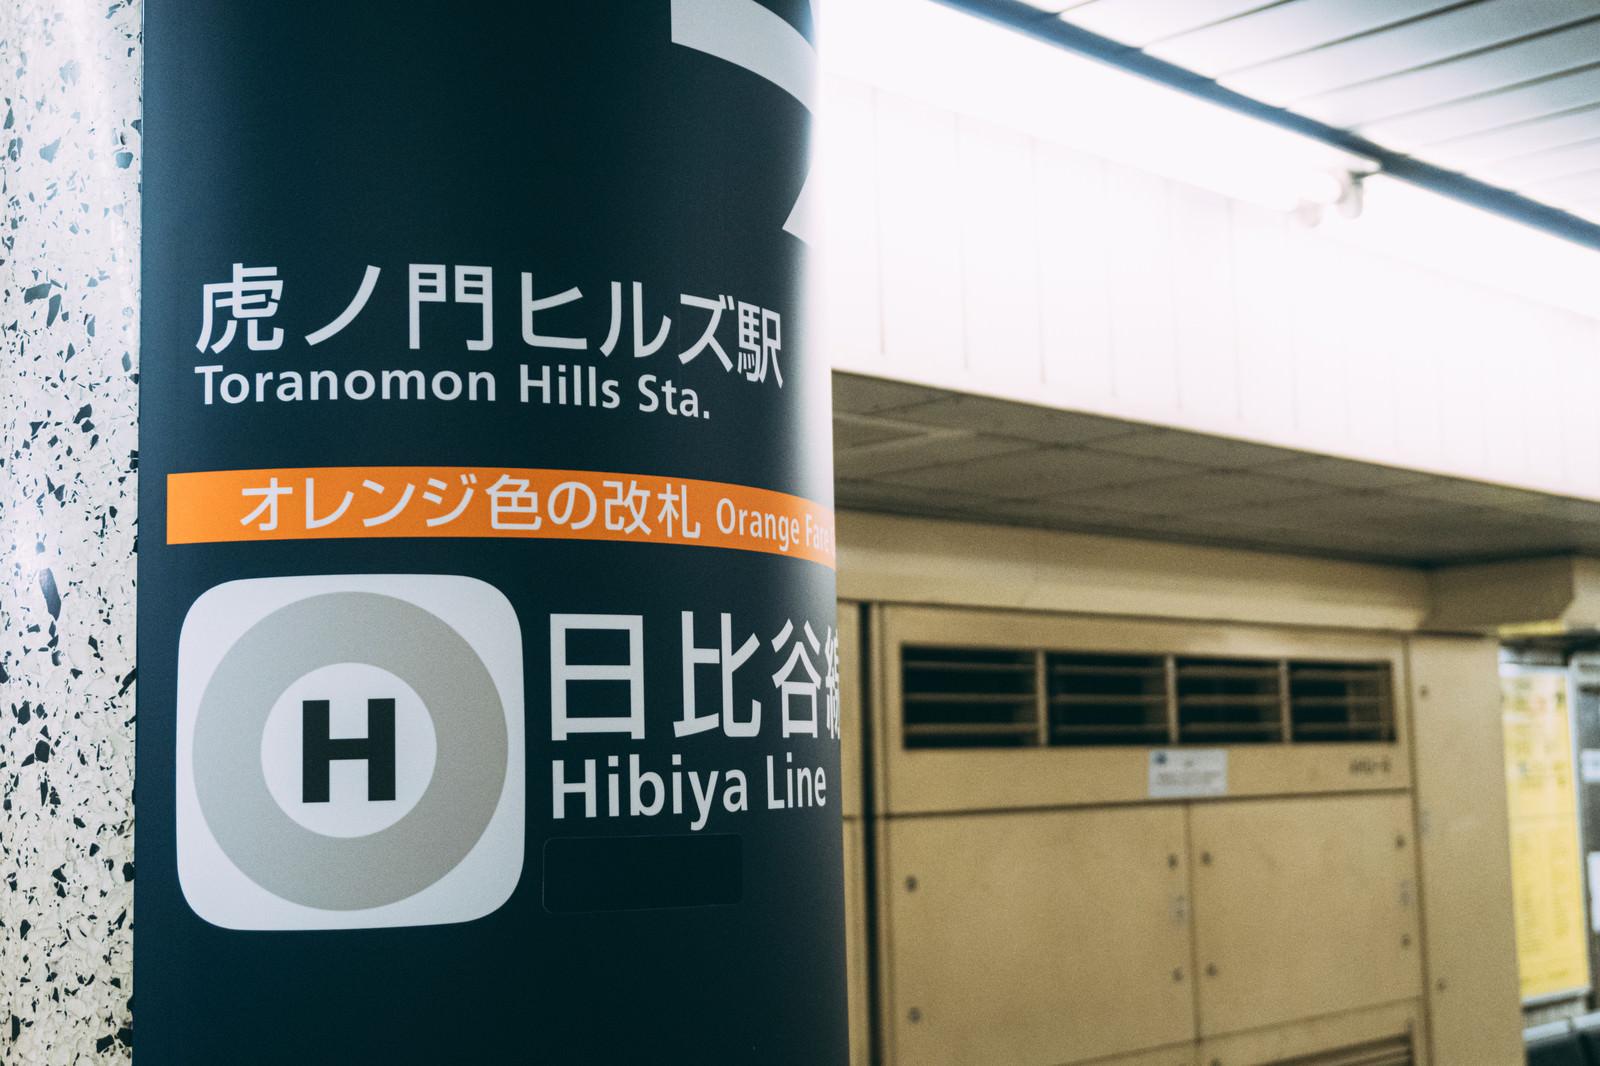 「日比谷線虎ノ門ヒルズ駅のホームにある柱」の写真